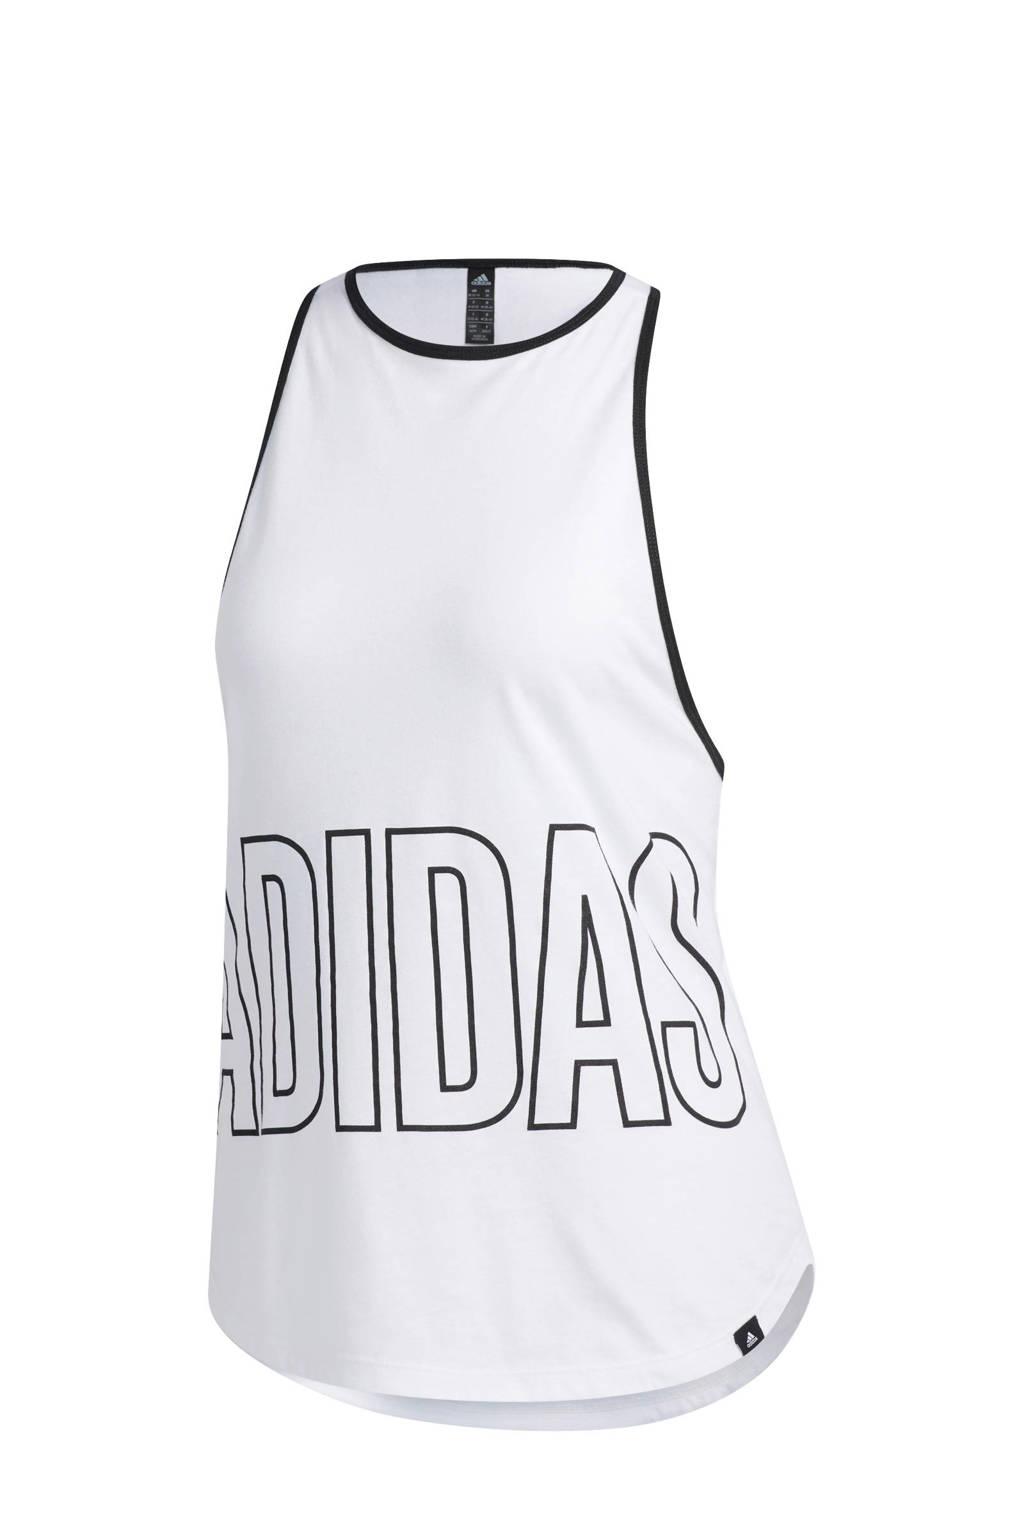 adidas Performance sporttop wit/zwart, Wit/zwart